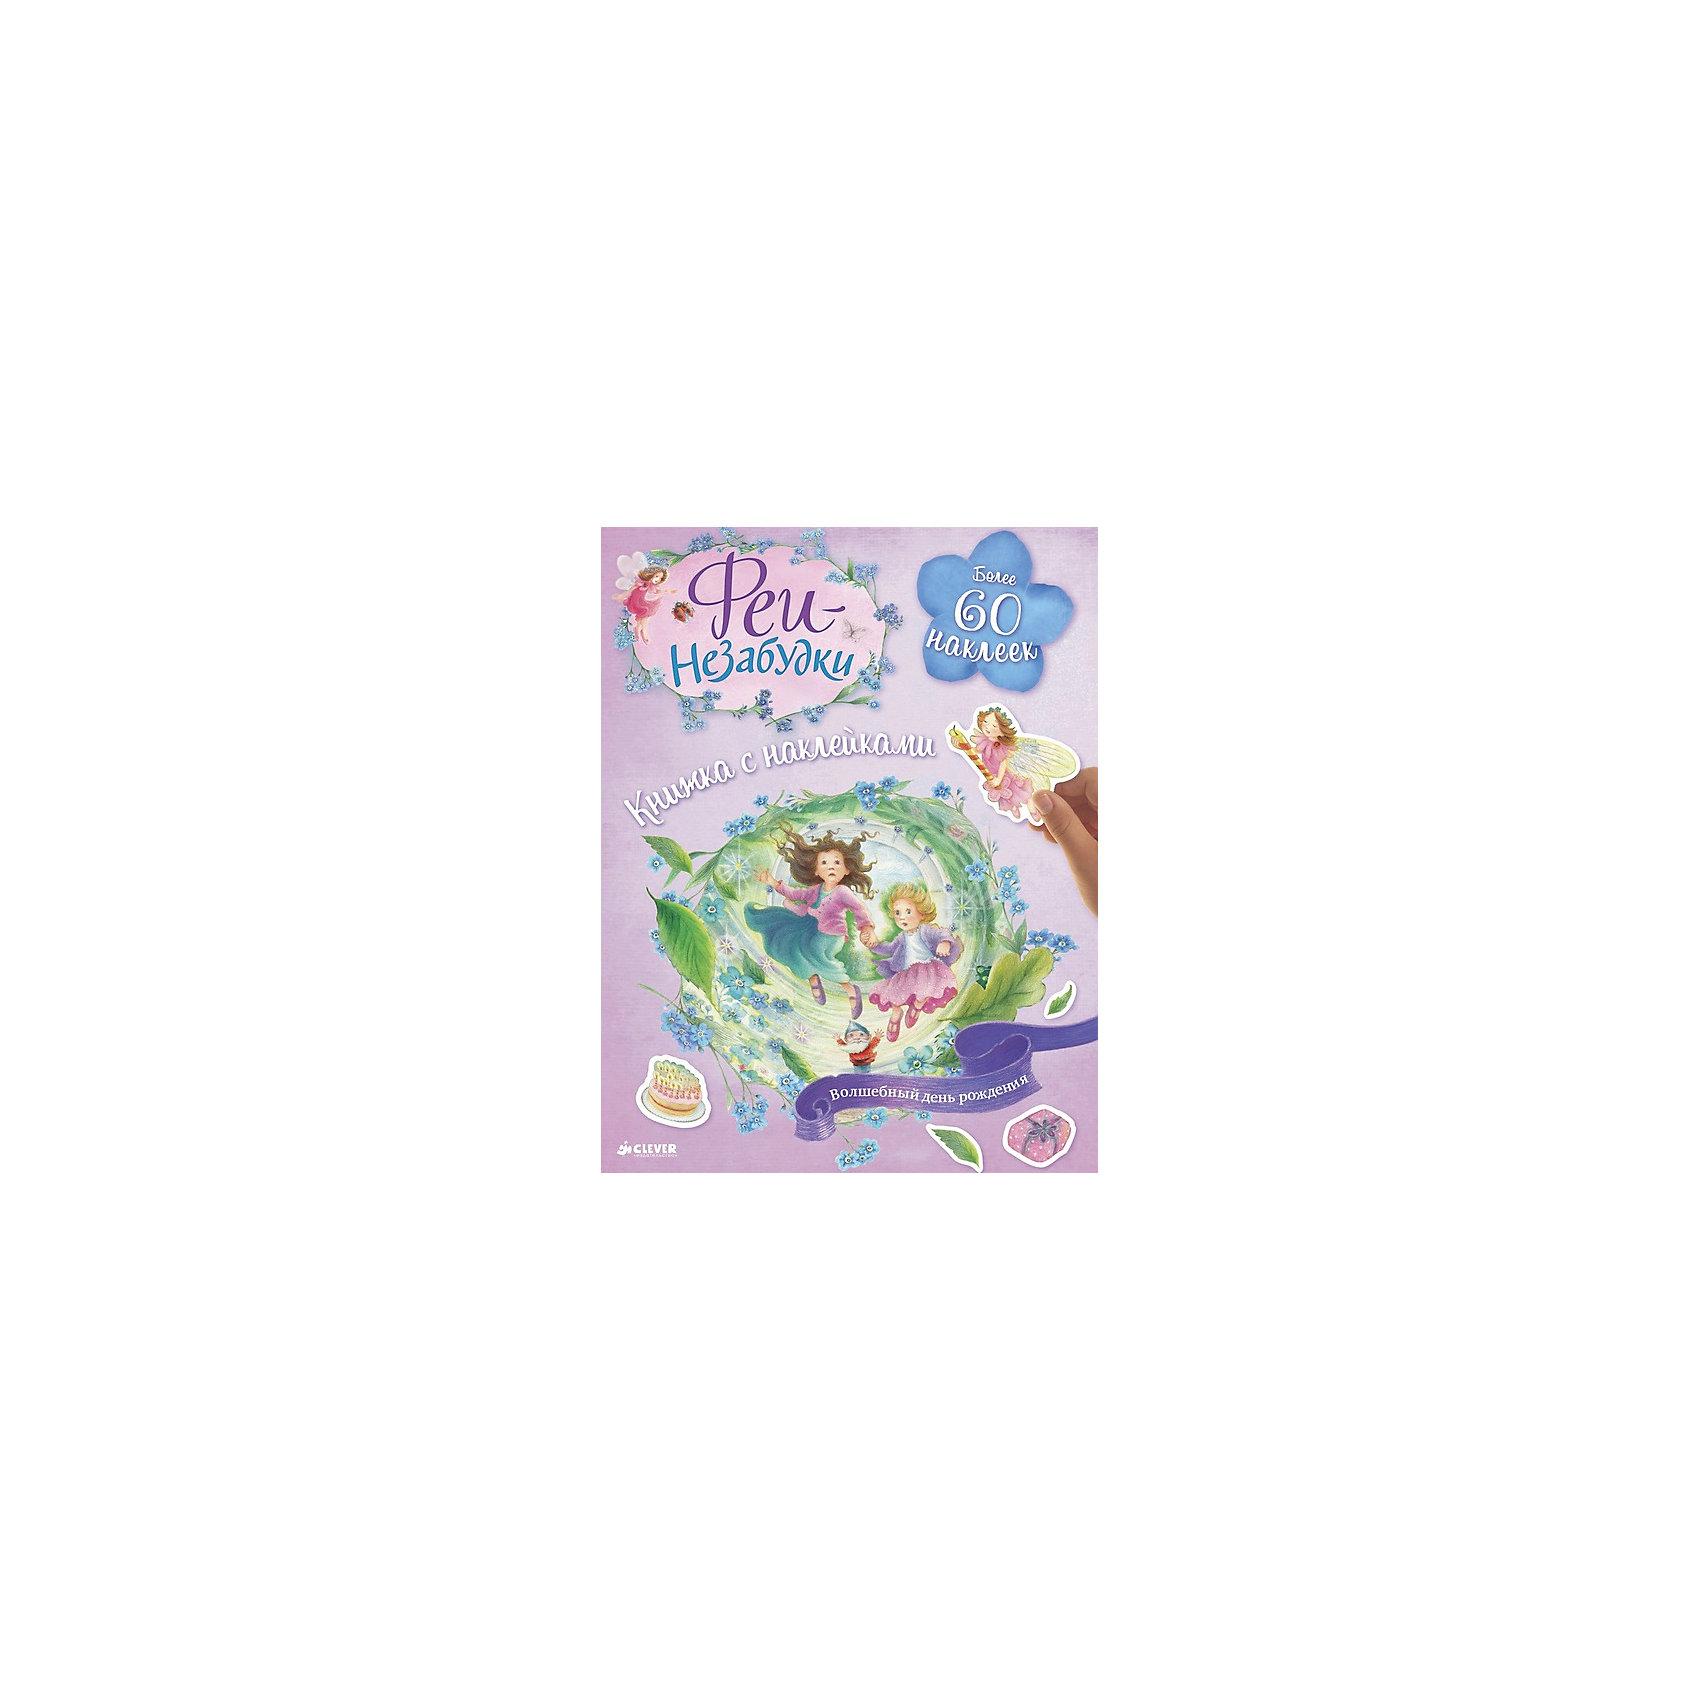 Книжка с наклейками Волшебный день рожденияCLEVER (КЛЕВЕР)<br>Книжки с наклейками - достойная альтернатива раскраскам и стандартным книгам. Книжка Веселая школа фей станет потрясающим подарком для маленькой девочки. В сборнике вы найдете увлекательные истории, яркие картинки и сказочные наклейки. Данная книга - это удобный формат, интересные задания и эффективный способ для ребенка провести время с пользой! Интеллект и способности ребенка нужно развивать - и тогда он в дальнейшем сможет освоить больше полезных навыков и знаний. Сделать это занятие интересным и легким поможет данное издание.<br>В нем с помощью занимательных заданий опытные педагоги помогают детям развить навыки мышления, необходимые дошкольникам. Они развивают ещё и внимательность и логику. Очень интересные задания, которые надо выполнить с помощью наклеек, помогут развить координация движений.<br><br>Дополнительная информация:<br><br>формат: 22 х 28 см<br>страниц: 16;<br>в компекте - наклейки.<br><br>Книжку с наклейками  Волшебный день рождения можно приобрести в нашем магазине.<br><br>Ширина мм: 275<br>Глубина мм: 210<br>Высота мм: 5<br>Вес г: 100<br>Возраст от месяцев: 48<br>Возраст до месяцев: 72<br>Пол: Унисекс<br>Возраст: Детский<br>SKU: 4976108